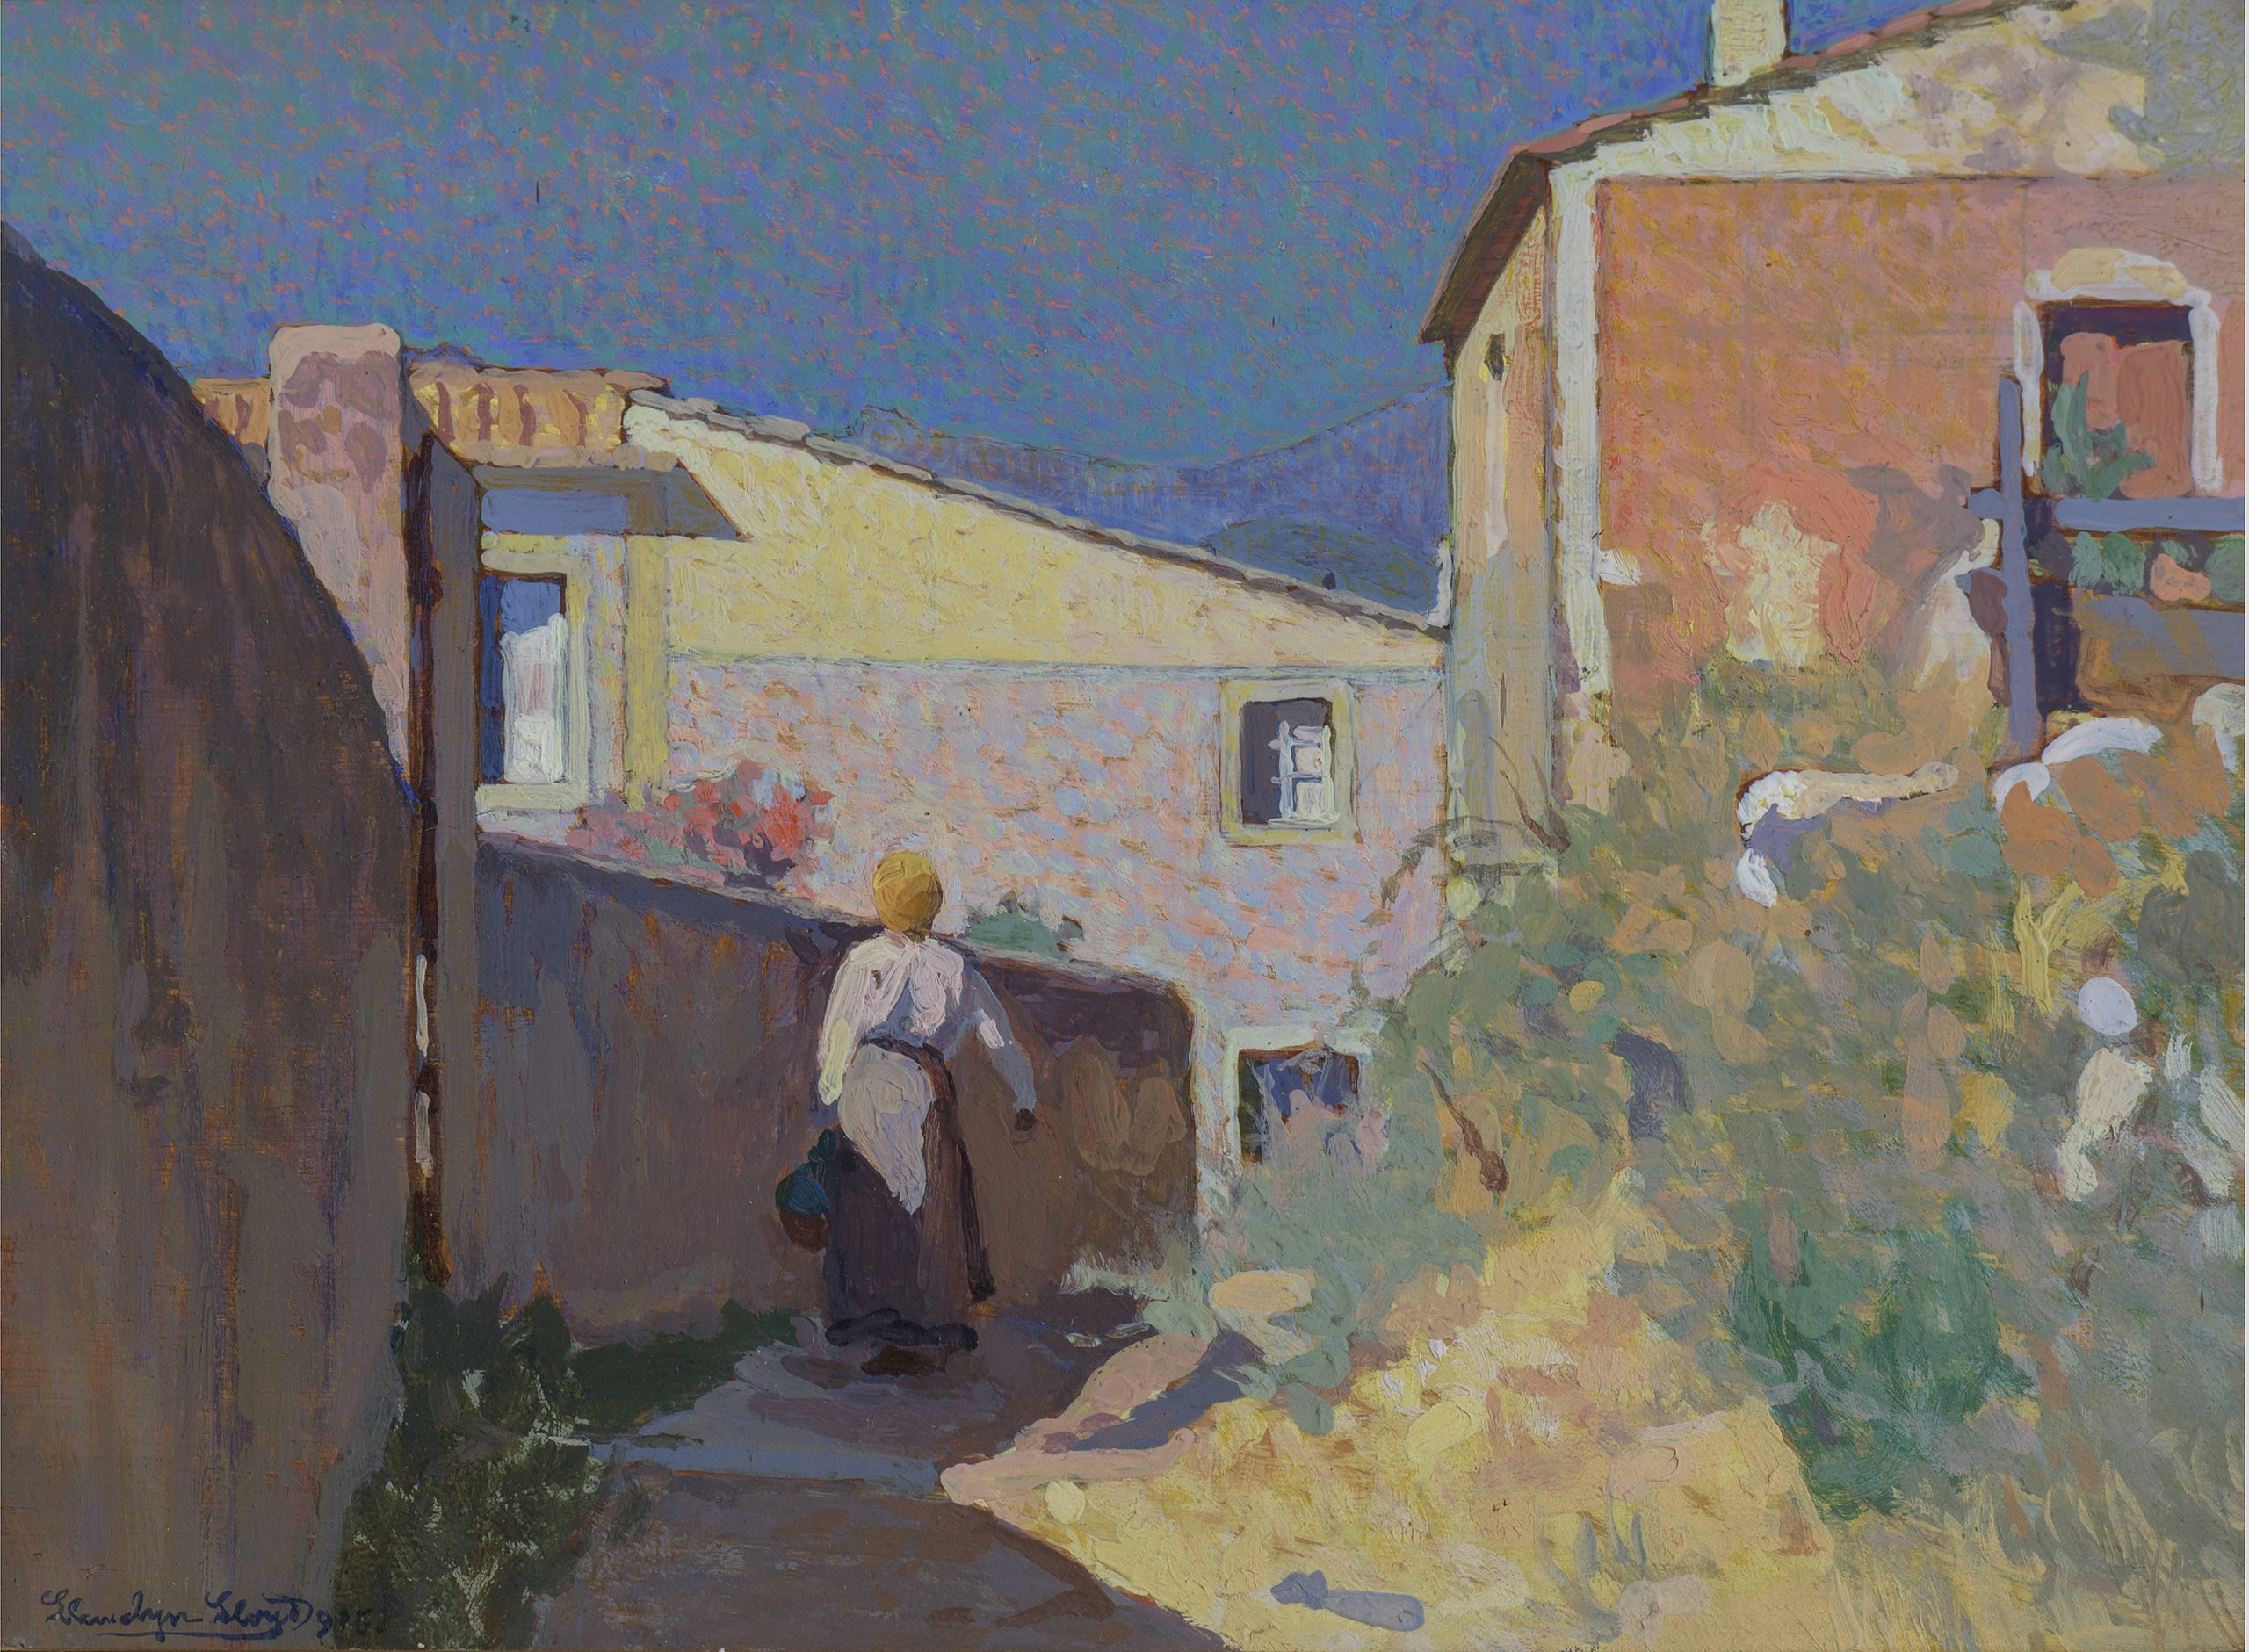 Llewelyn Lloyd, Paesaggio rosa con figura, 1916, Olio su tavola, 17,2x23,2 cm, Collezione privata, Credito fotografico Antonio Quattrone